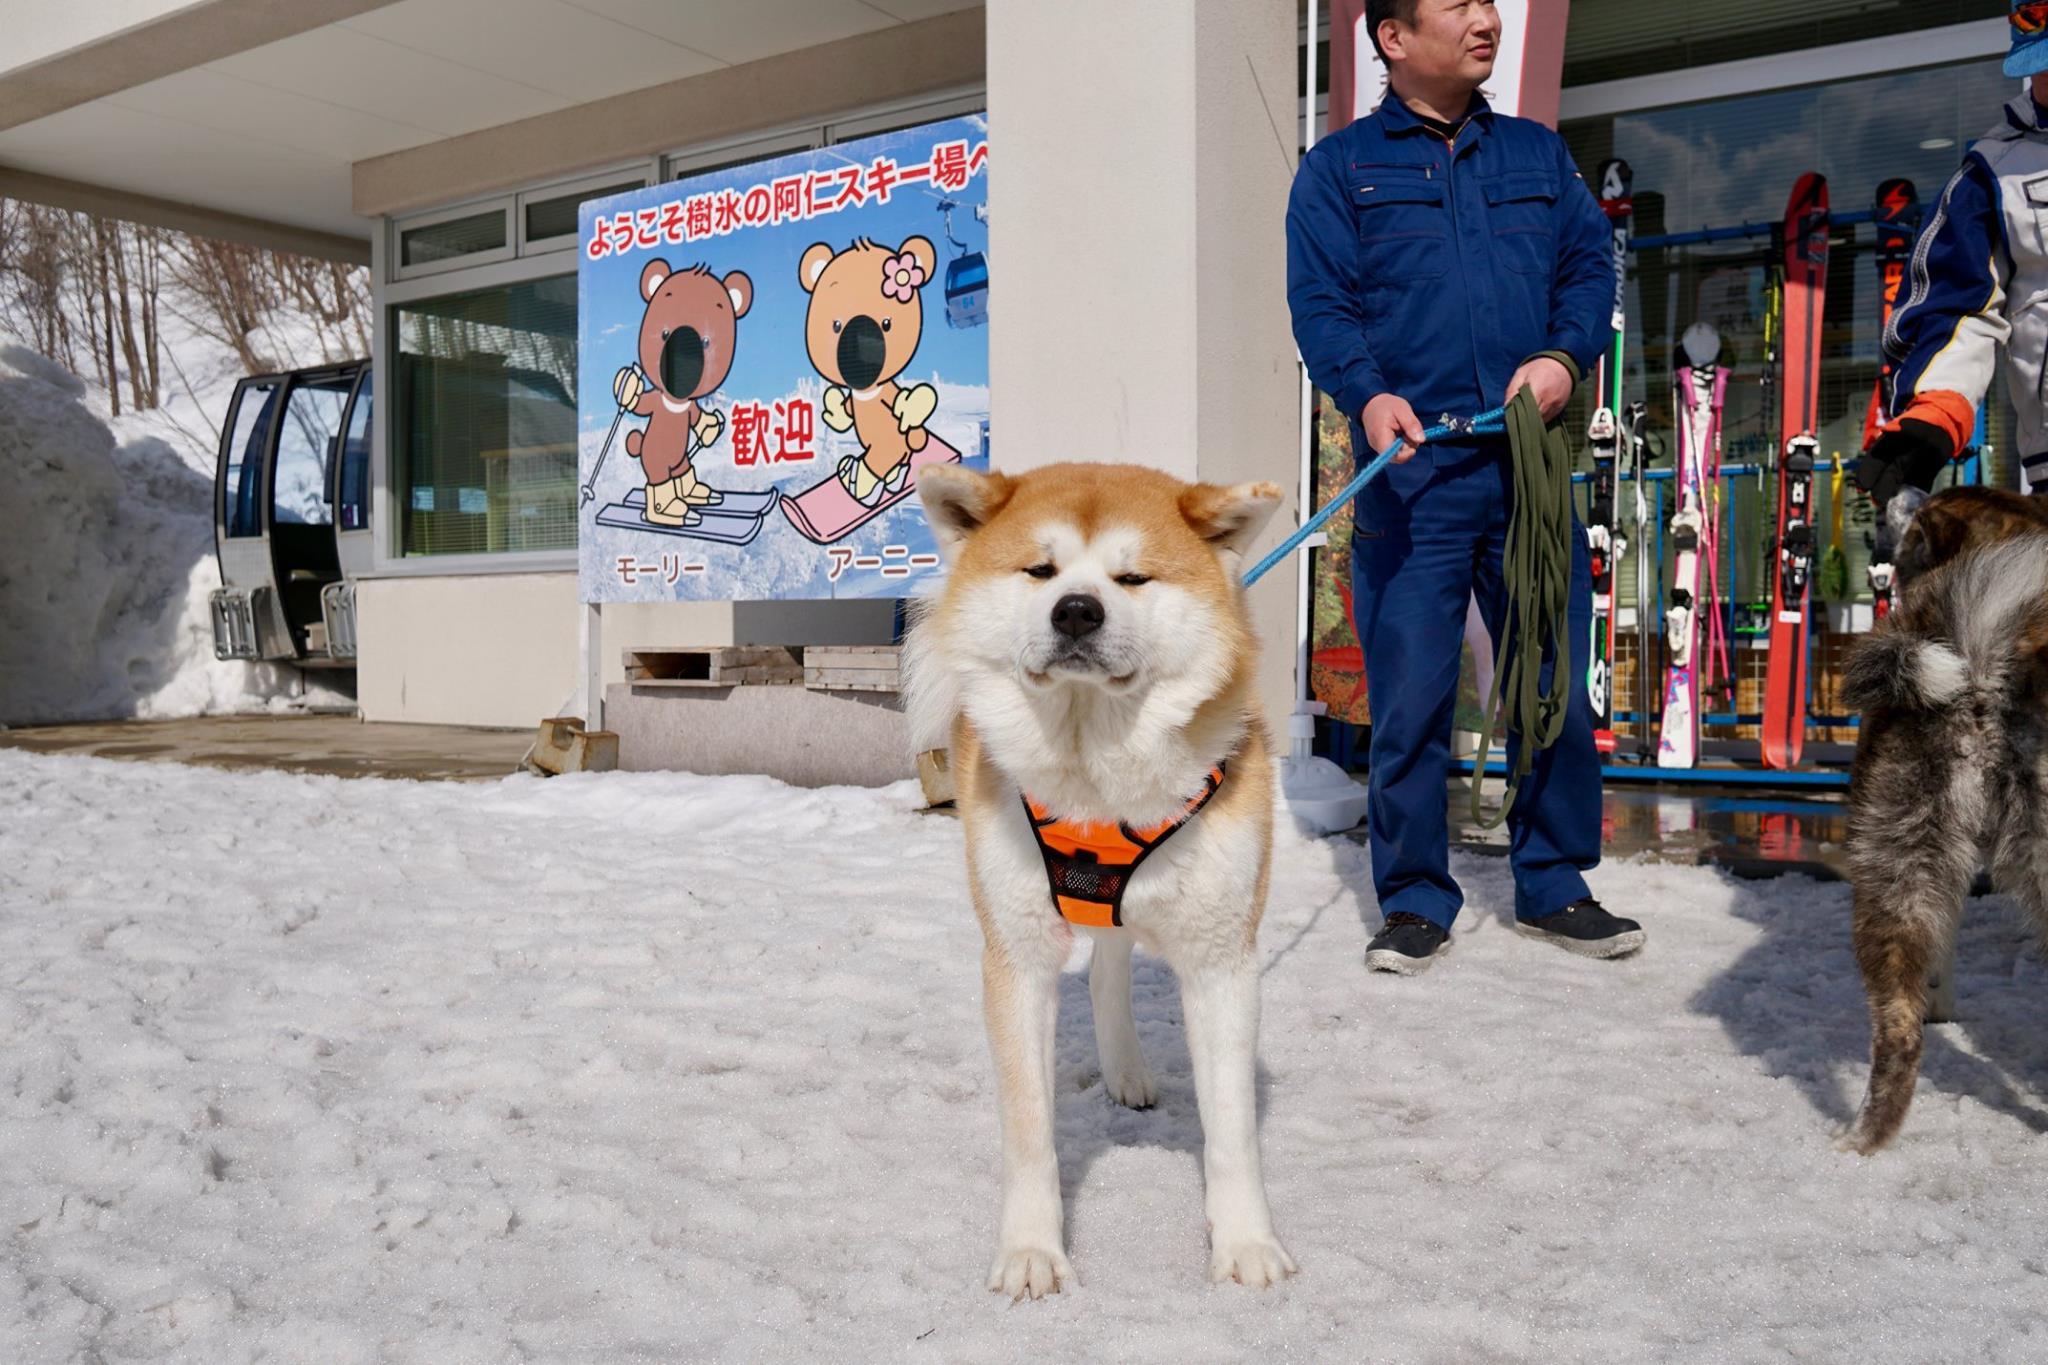 秋田犬に会いに行く◆森吉山阿仁スキー場